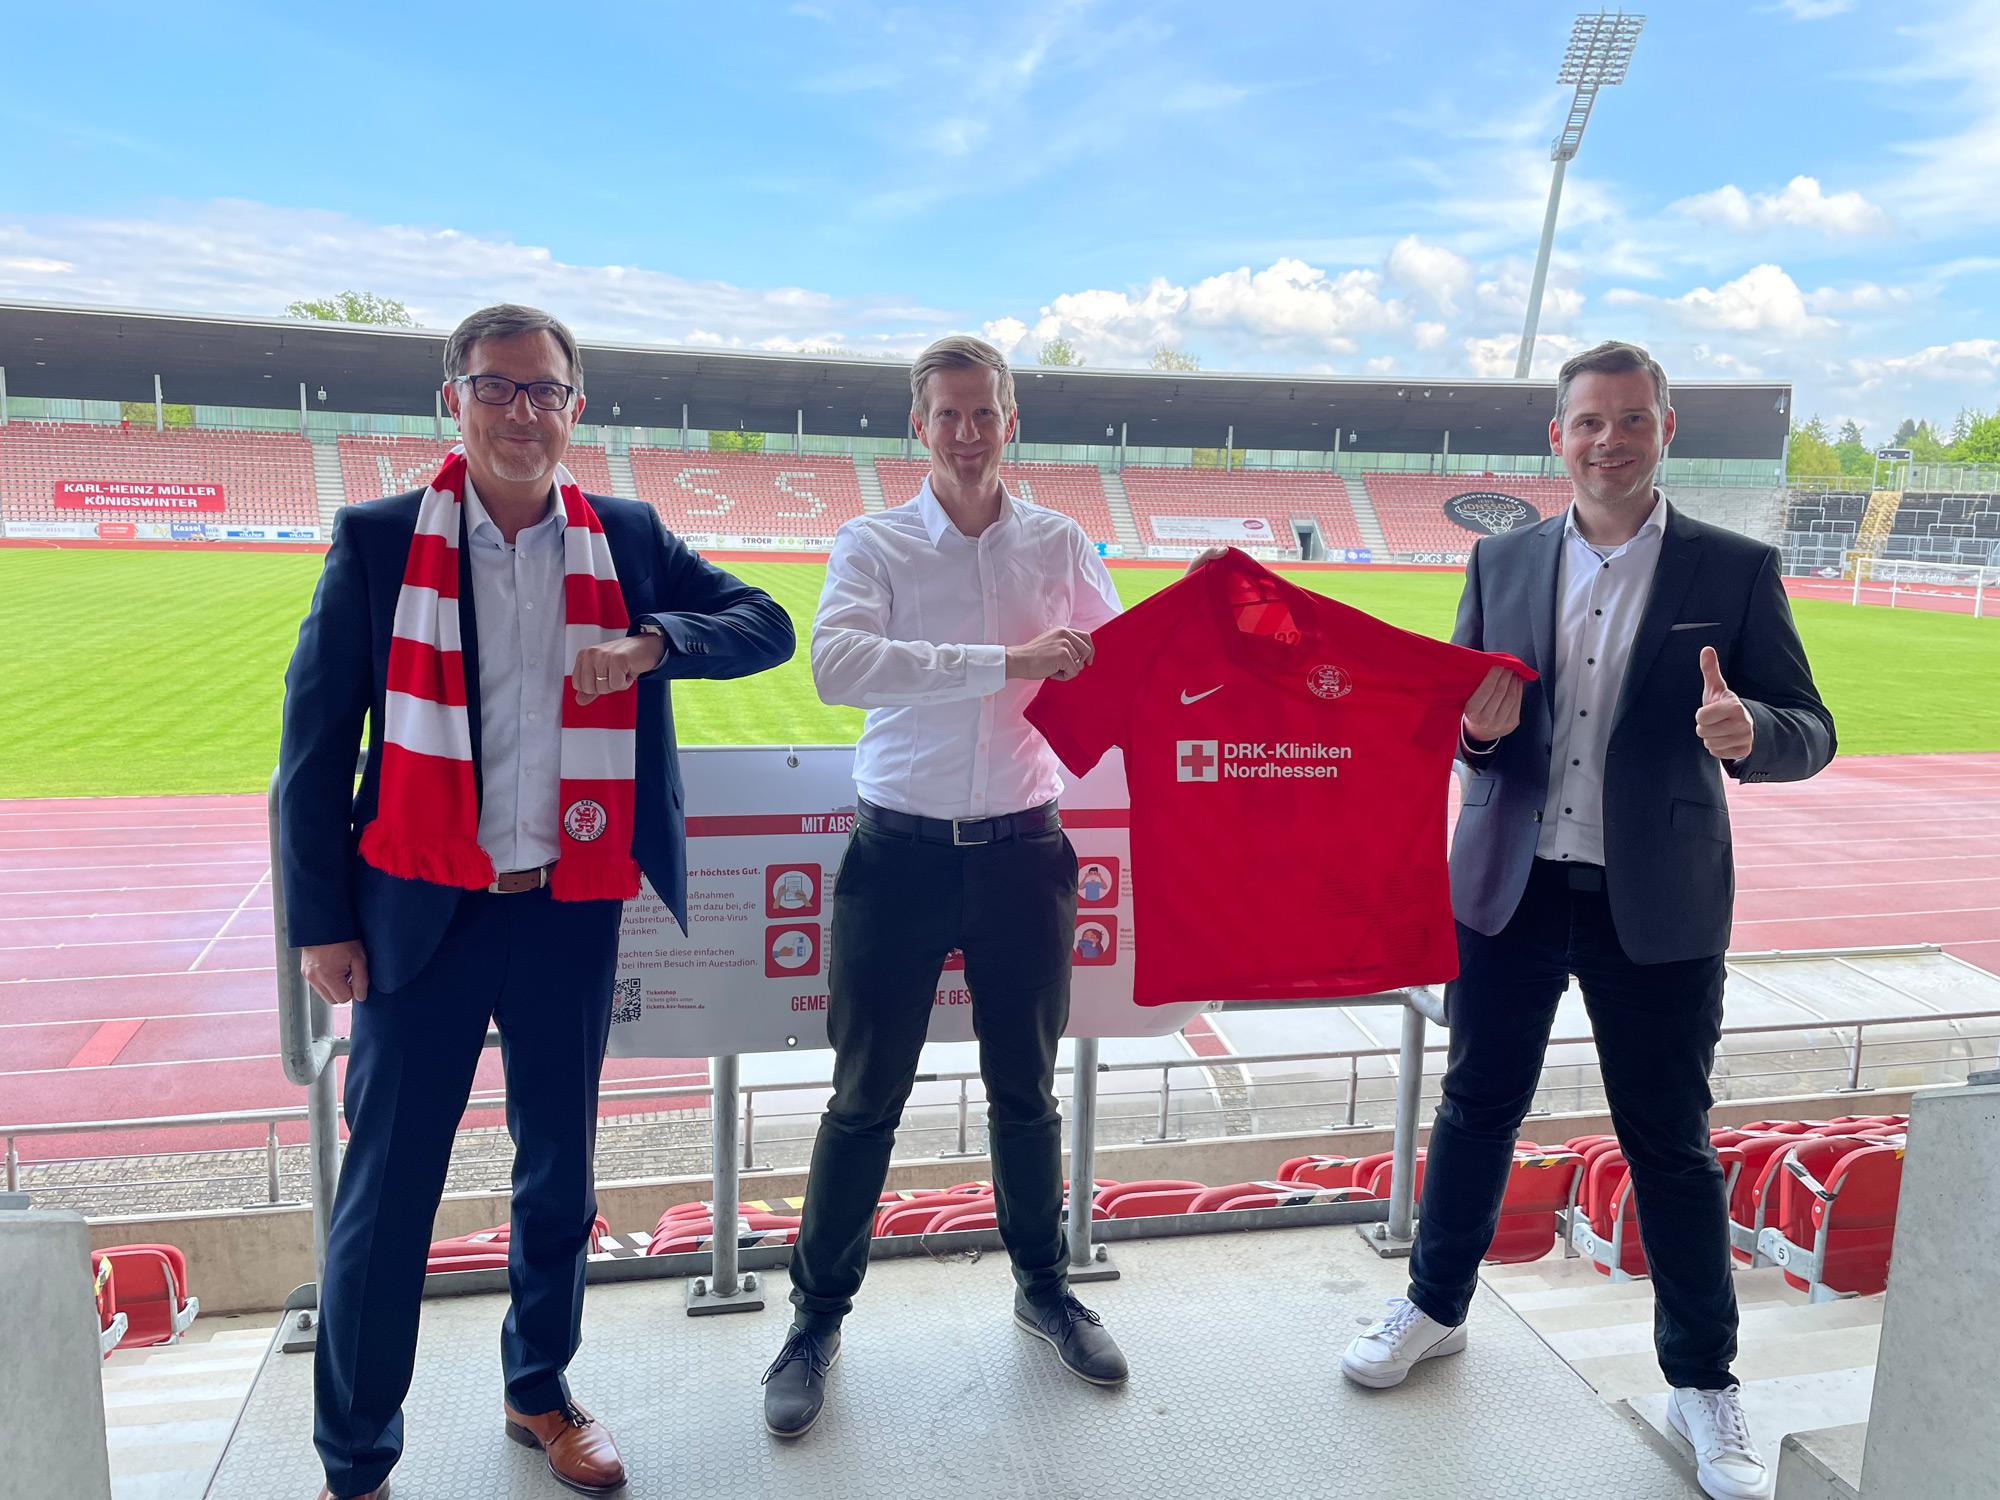 Thorsten Noll (Hauptgeschäftsführer), Thorsten Bauer (Geschäftsfüher, beide BARMER) und Daniel Bettermann (KSV-Marketing)